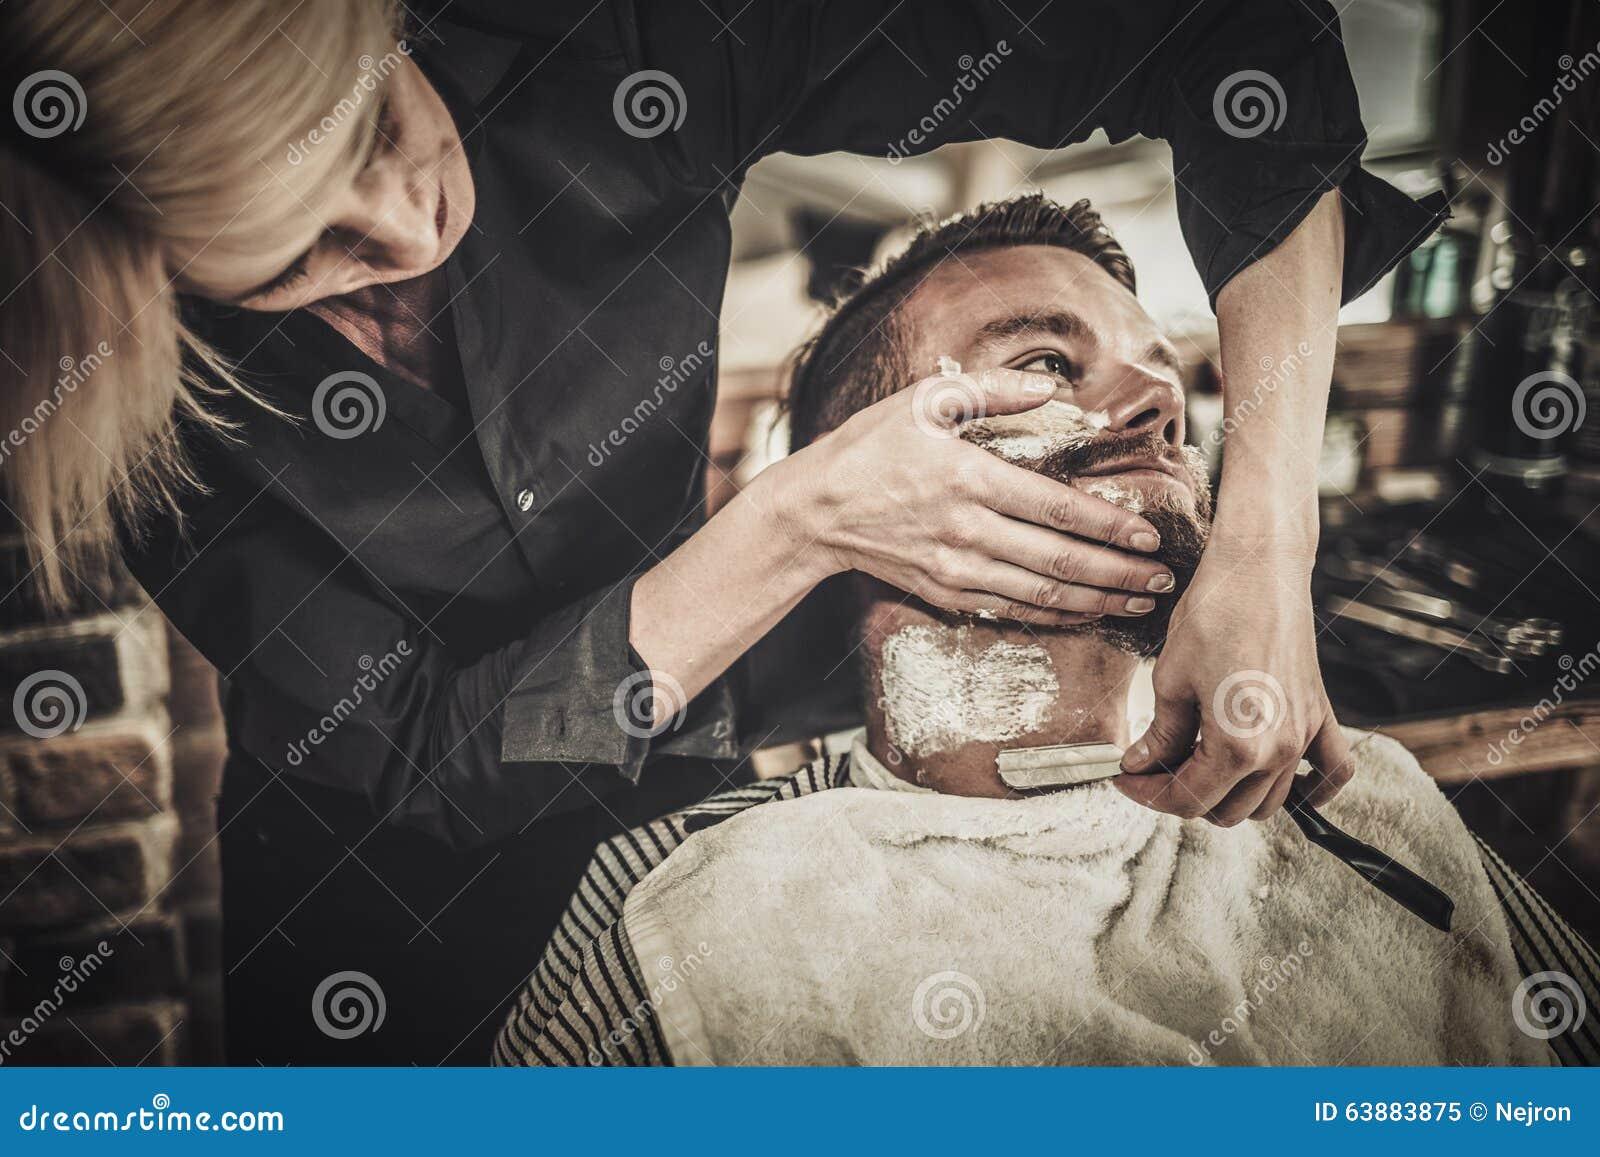 beard shaving in barber shop stock photo image 63883875. Black Bedroom Furniture Sets. Home Design Ideas